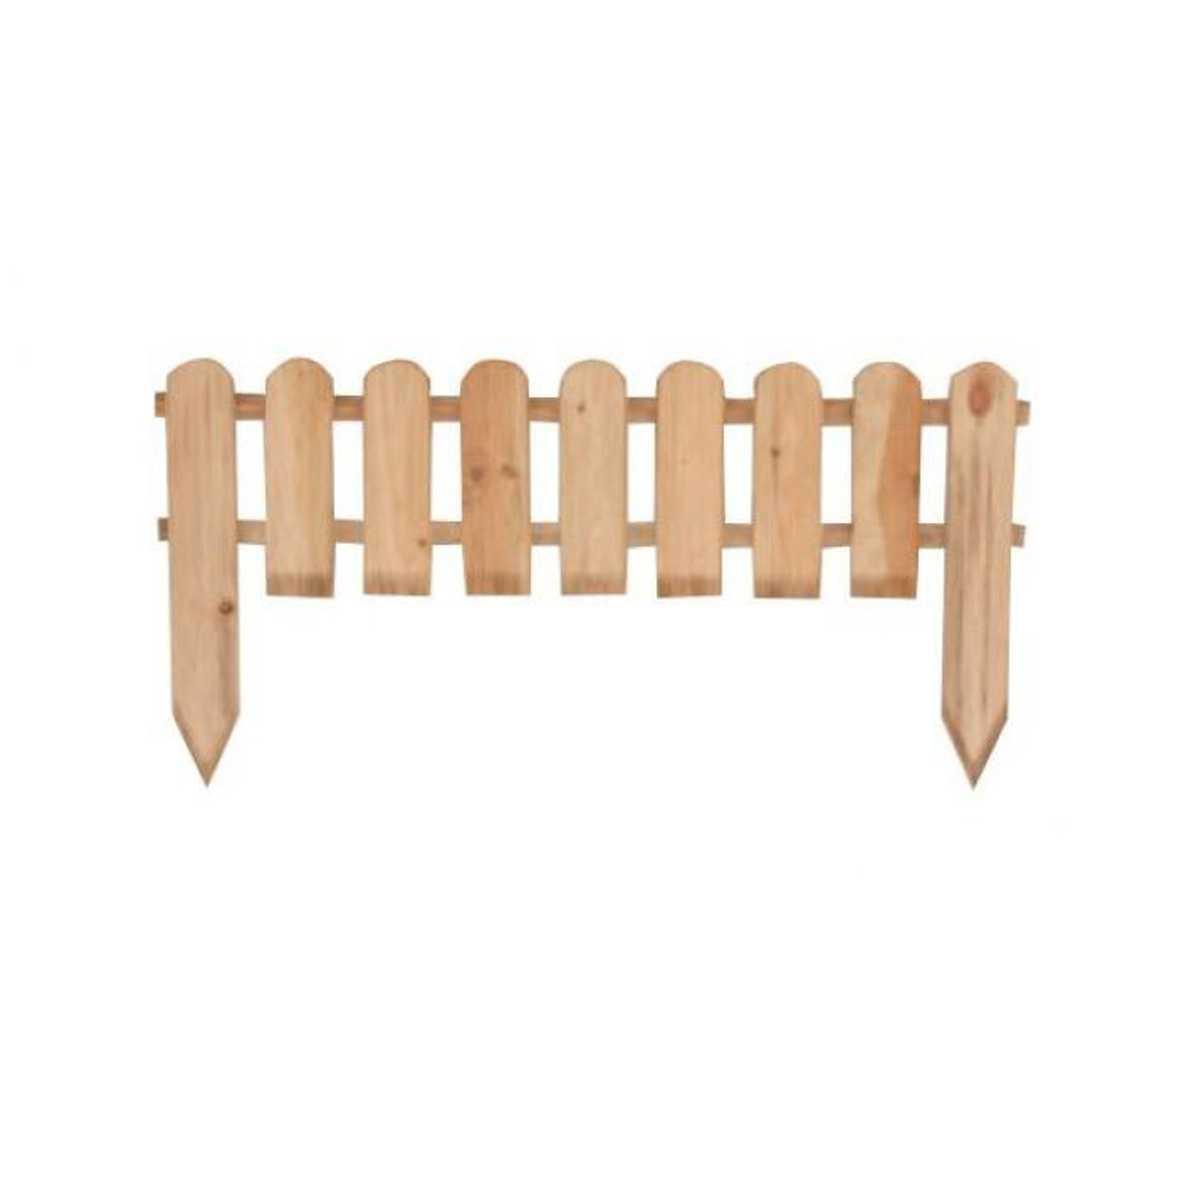 Steccato in legno di pino impregnato ideale per delimitazioni outdoor